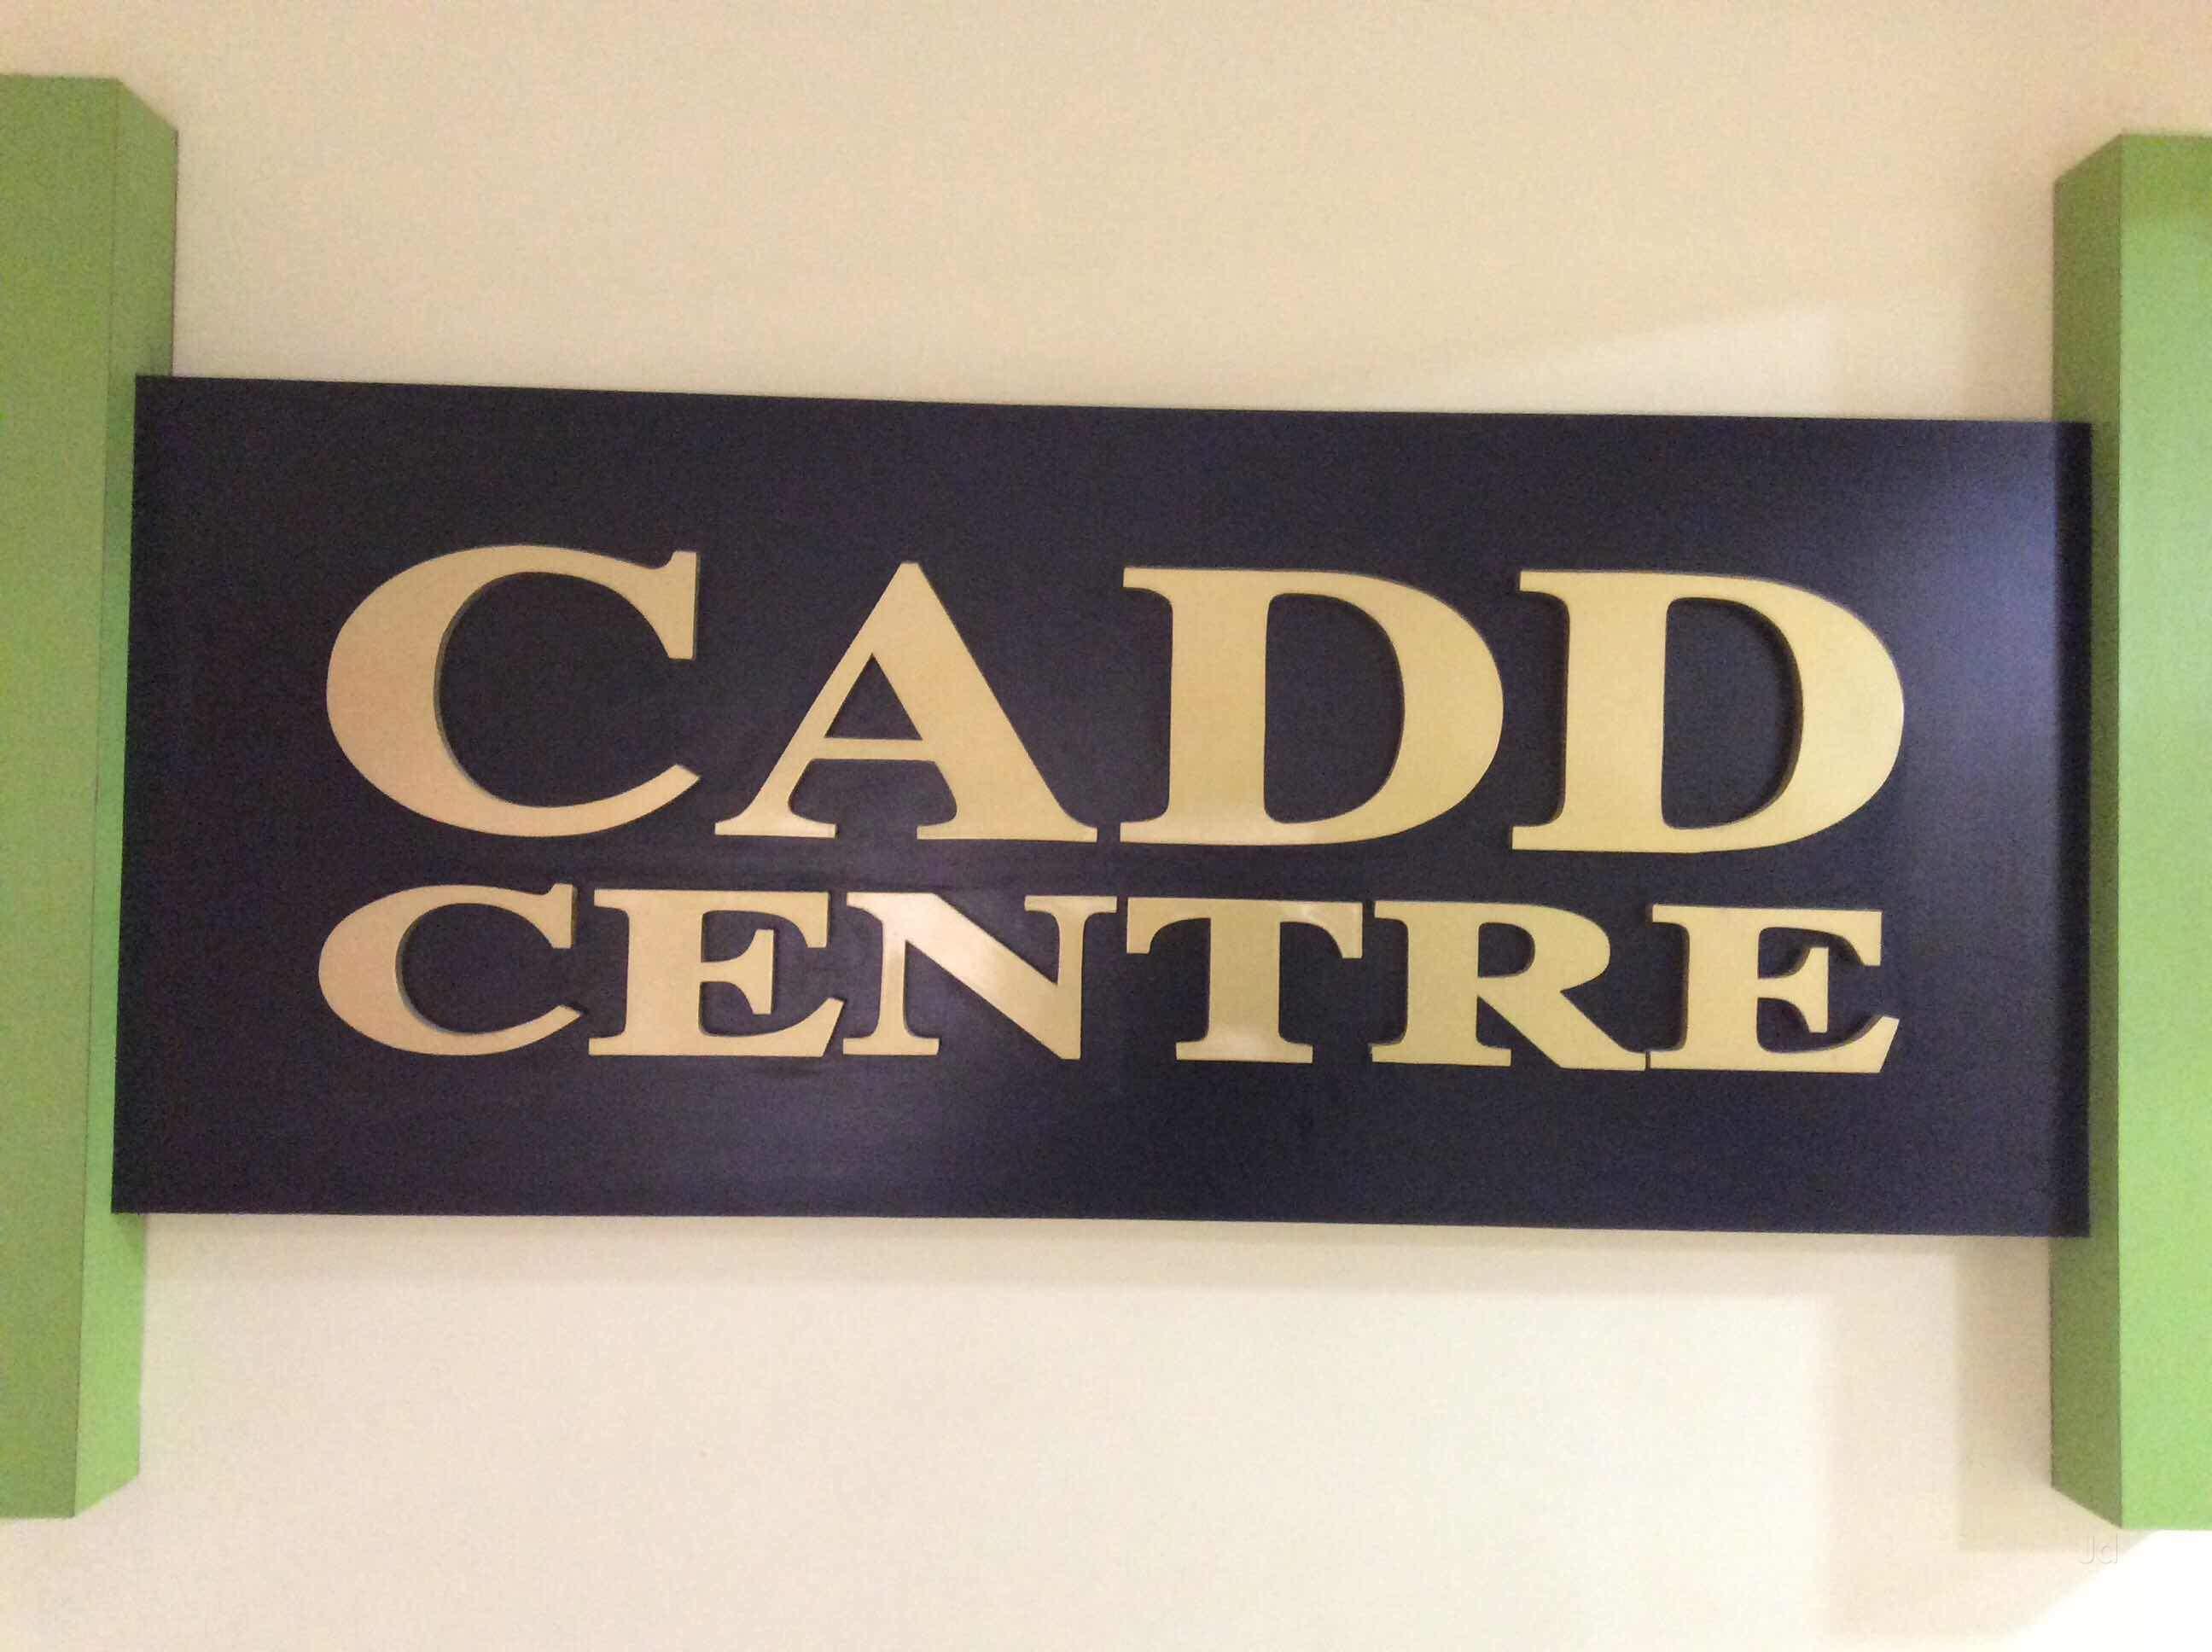 CADD Centre - Gondal Road - Rajkot Image